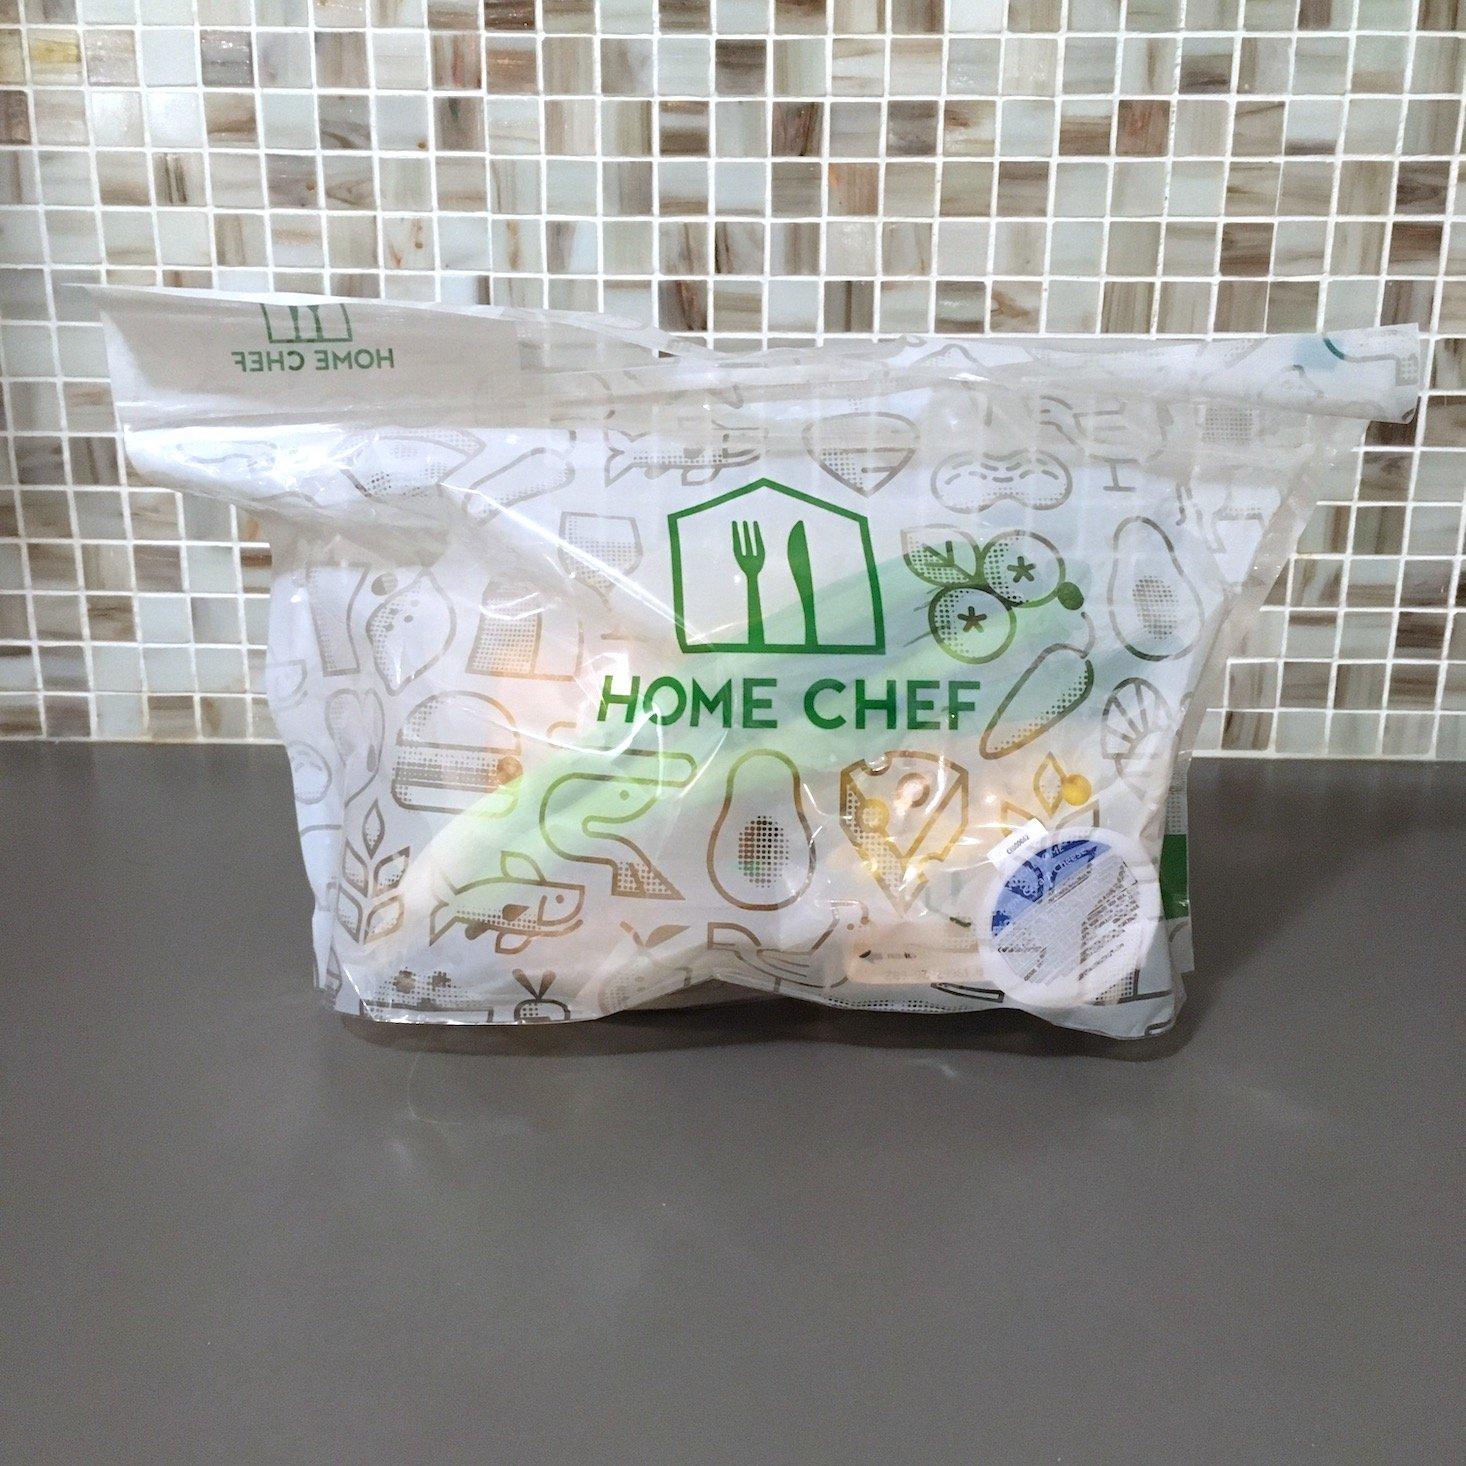 shrimp pasta ingredients bag back